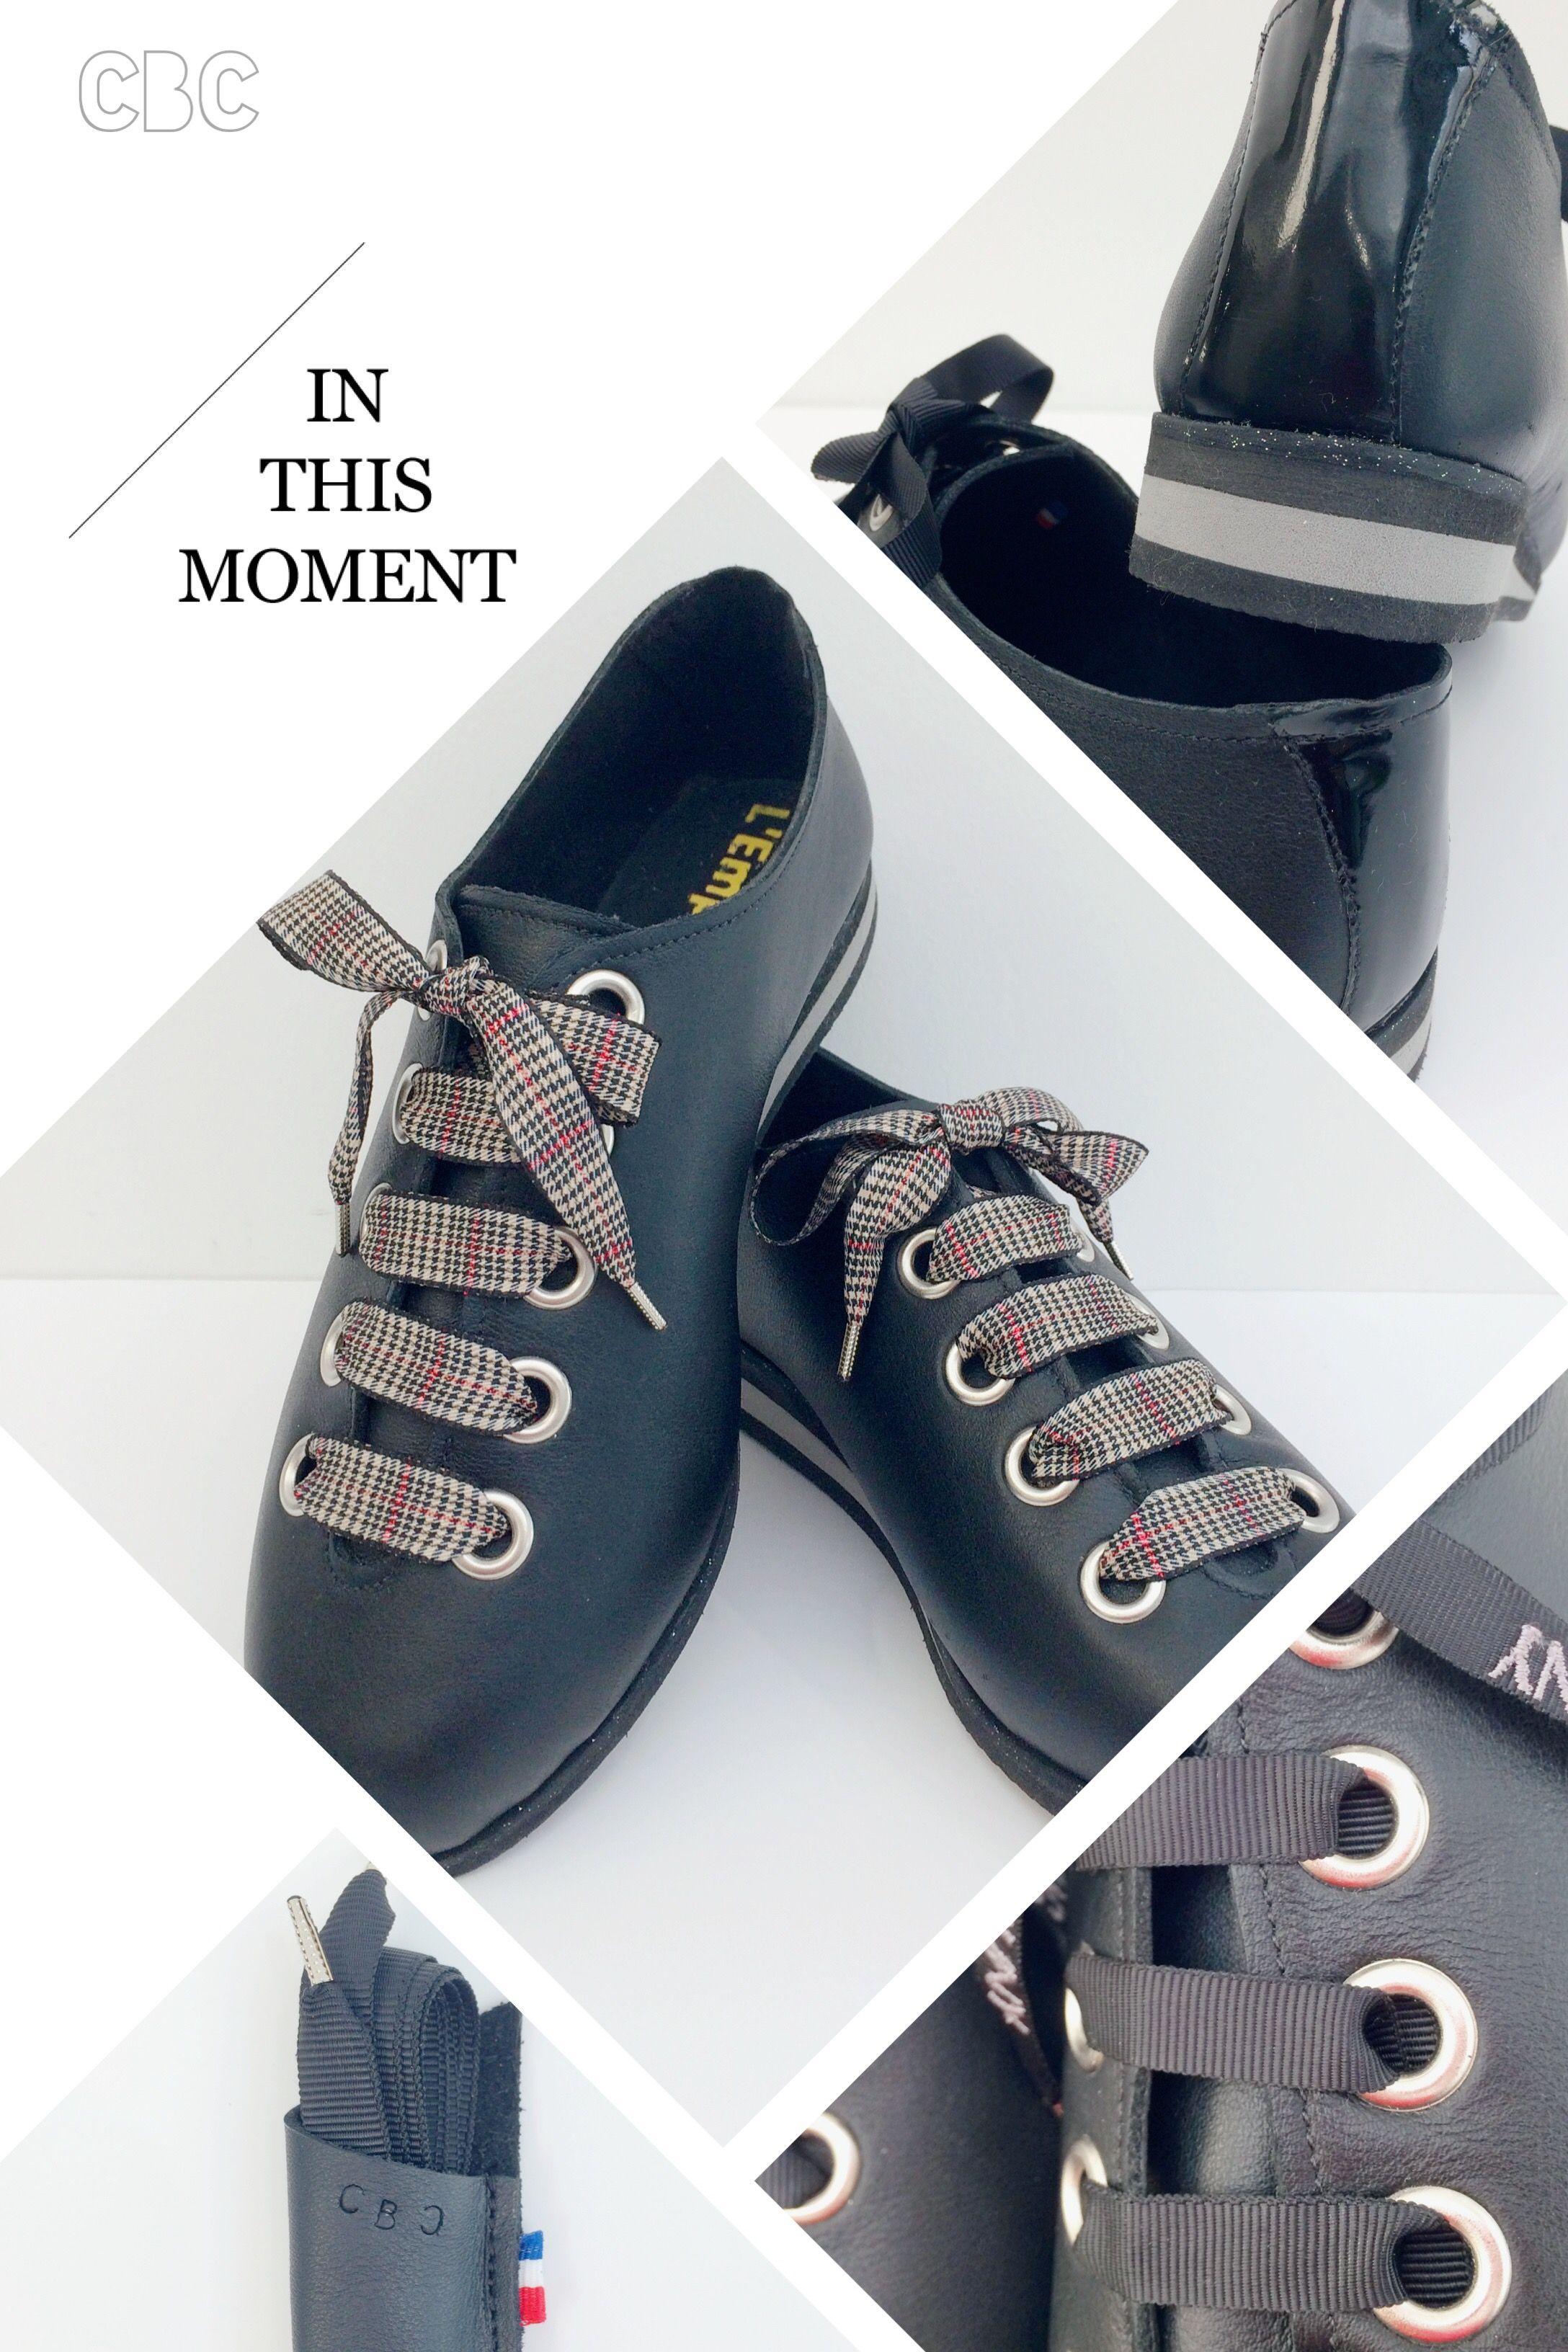 Chaussures artisanales en cuir sur mesure avec traitement podologique intégré si nécessaire. Semelle extérieure Vibram  L'EMPREINTE CBC Tournefeuille France 100% Handmade with love.